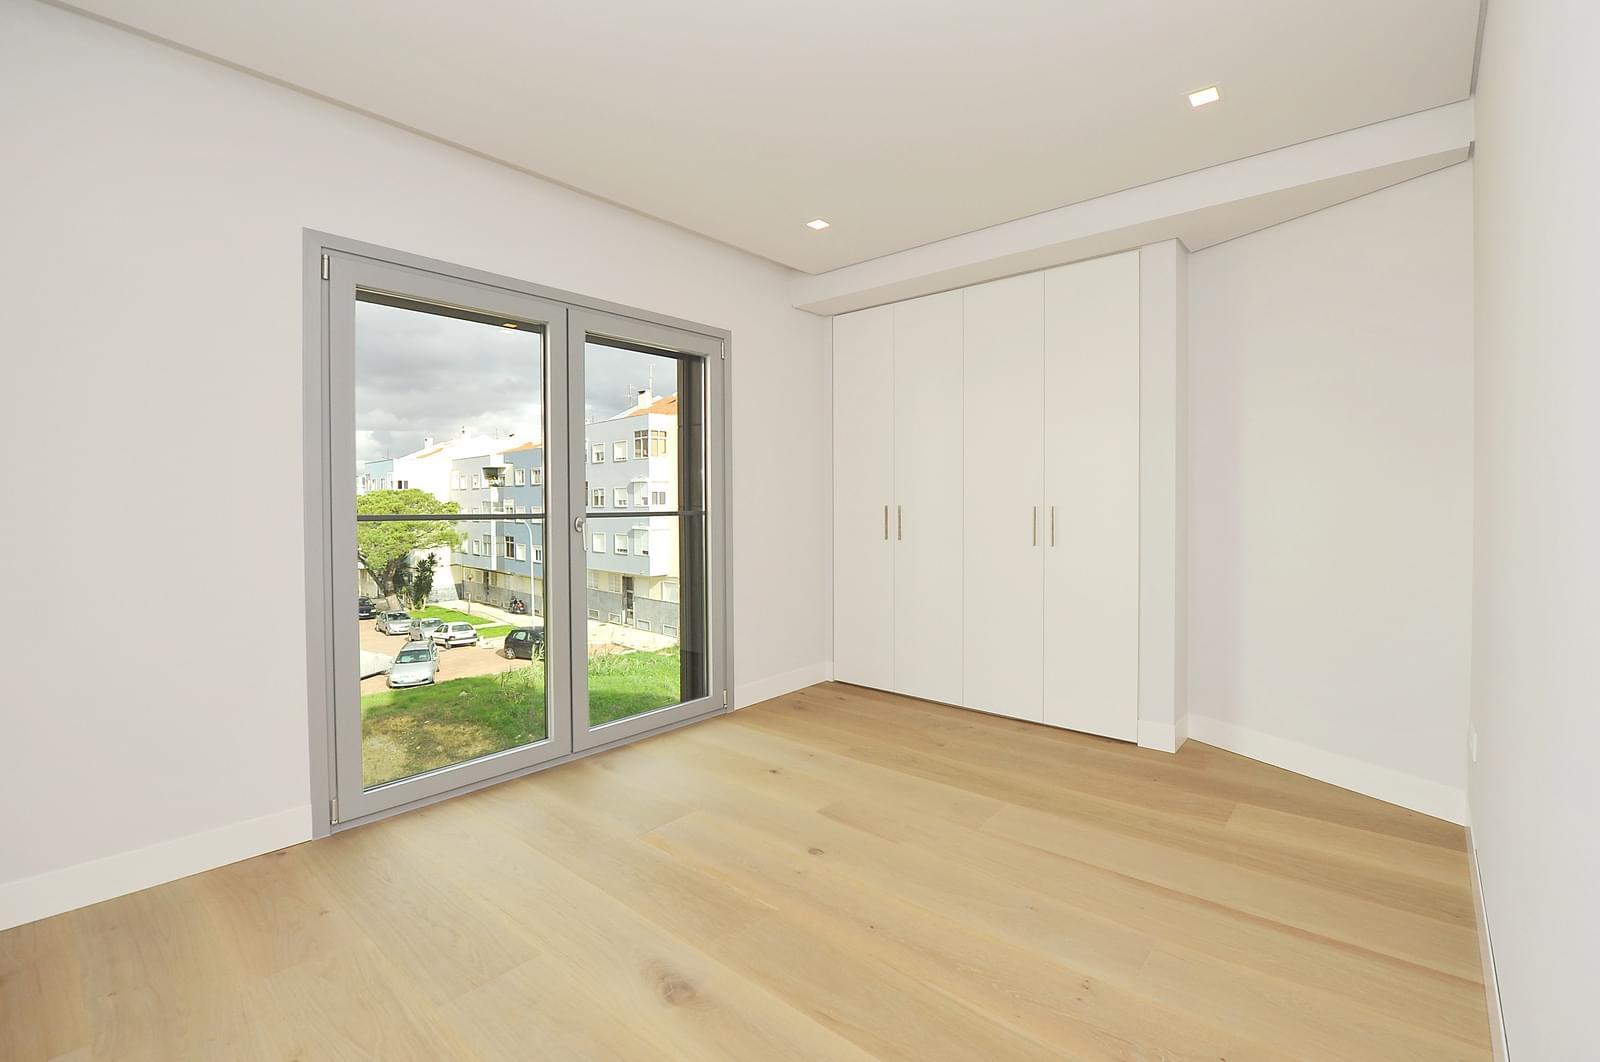 pf18989-apartamento-t4-oeiras-ce7f8aa7-6b38-41bf-8477-69f5542786d1